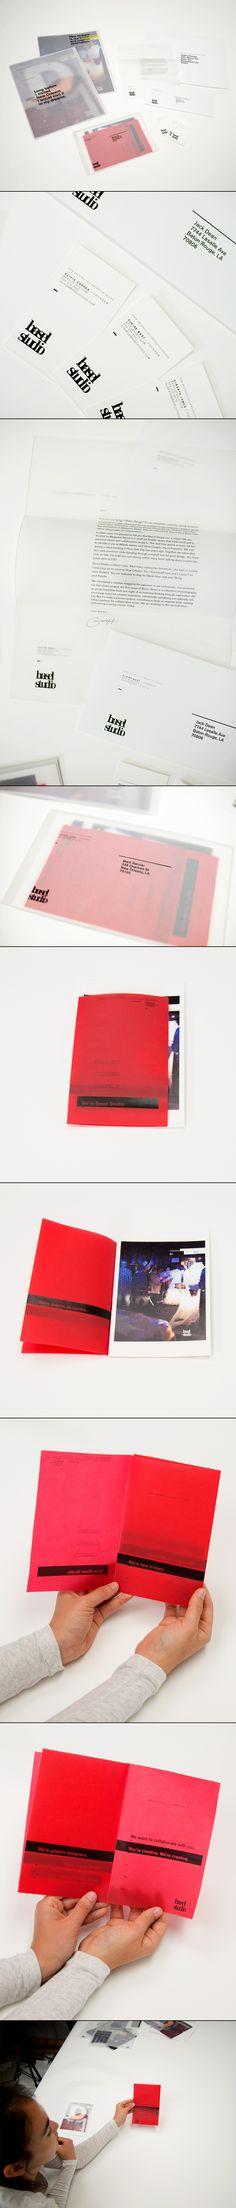 Basel Studio on Behance